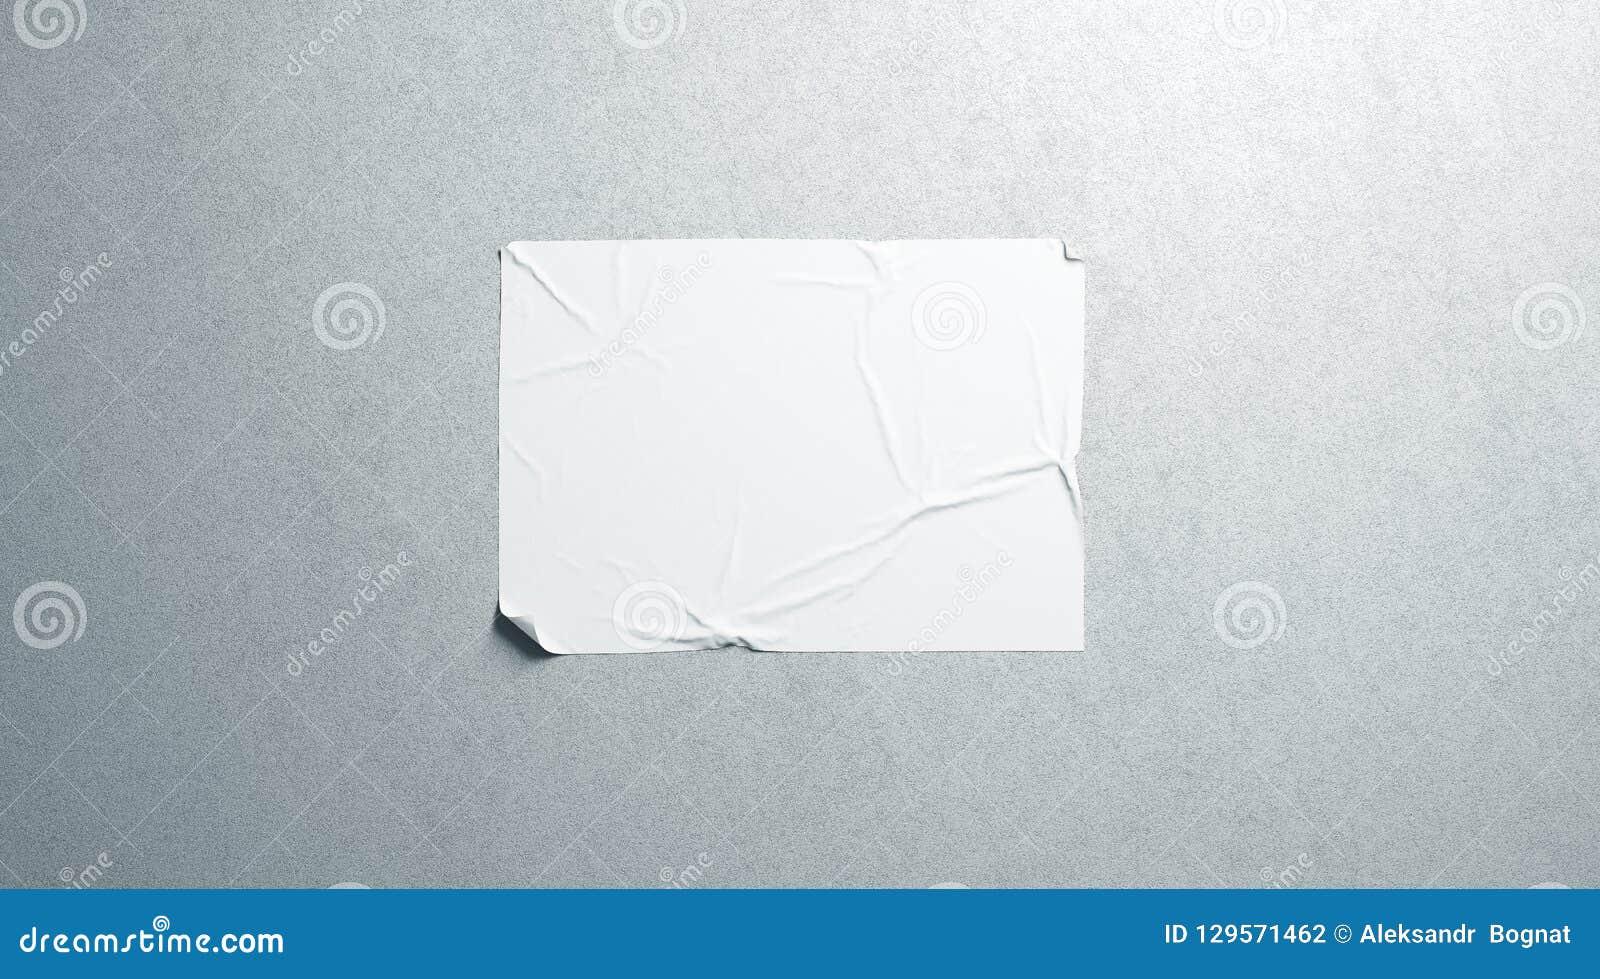 Het lege witte model van de wheatpaste zelfklevende horizontale affiche op geweven muur